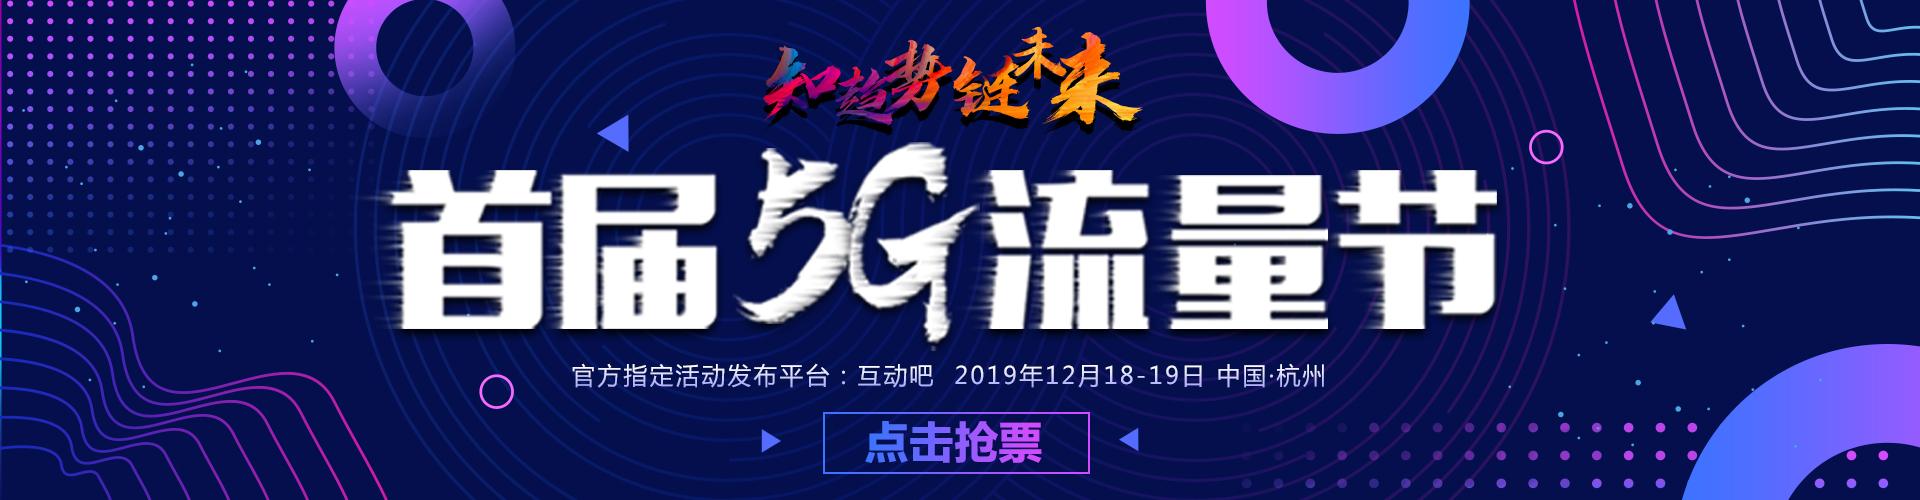 知·趋势 链·未来——首届5G流量节暨5G电商新流量赋商峰会·国际社群联盟2019年会